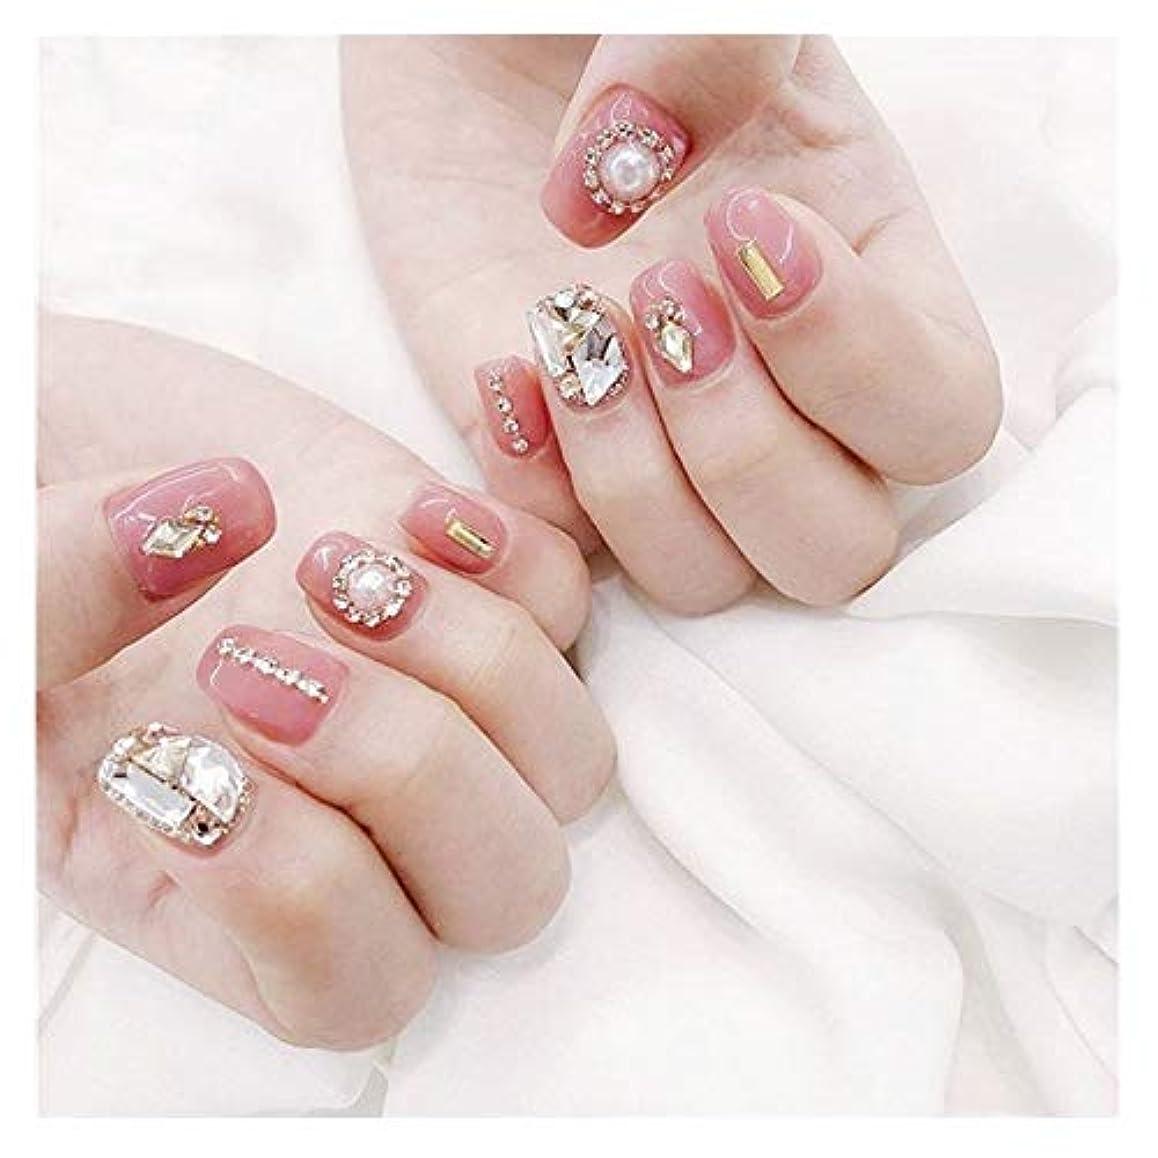 民間ほこりっぽいオートメーションYESONEEP ダイヤモンドのり偽の爪ピンクのかわいい花嫁フォトスタジオ完成ネイル偽の釘 (色 : 24 pieces)